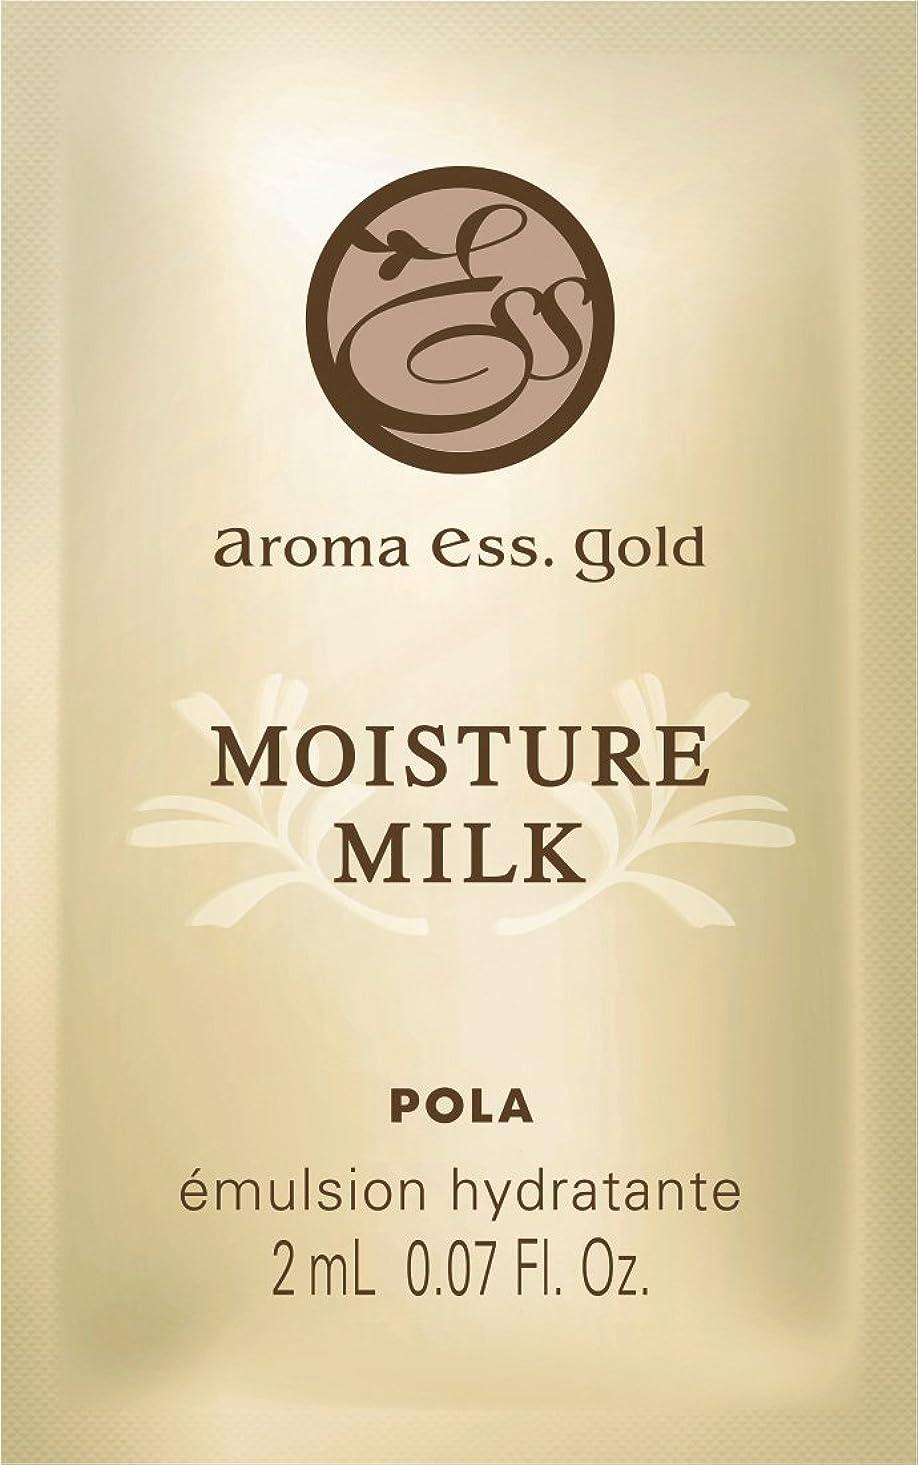 シマウマ奴隷ランチョンPOLA アロマエッセゴールド モイスチャーミルク 乳液 個包装タイプ 2mL×100包